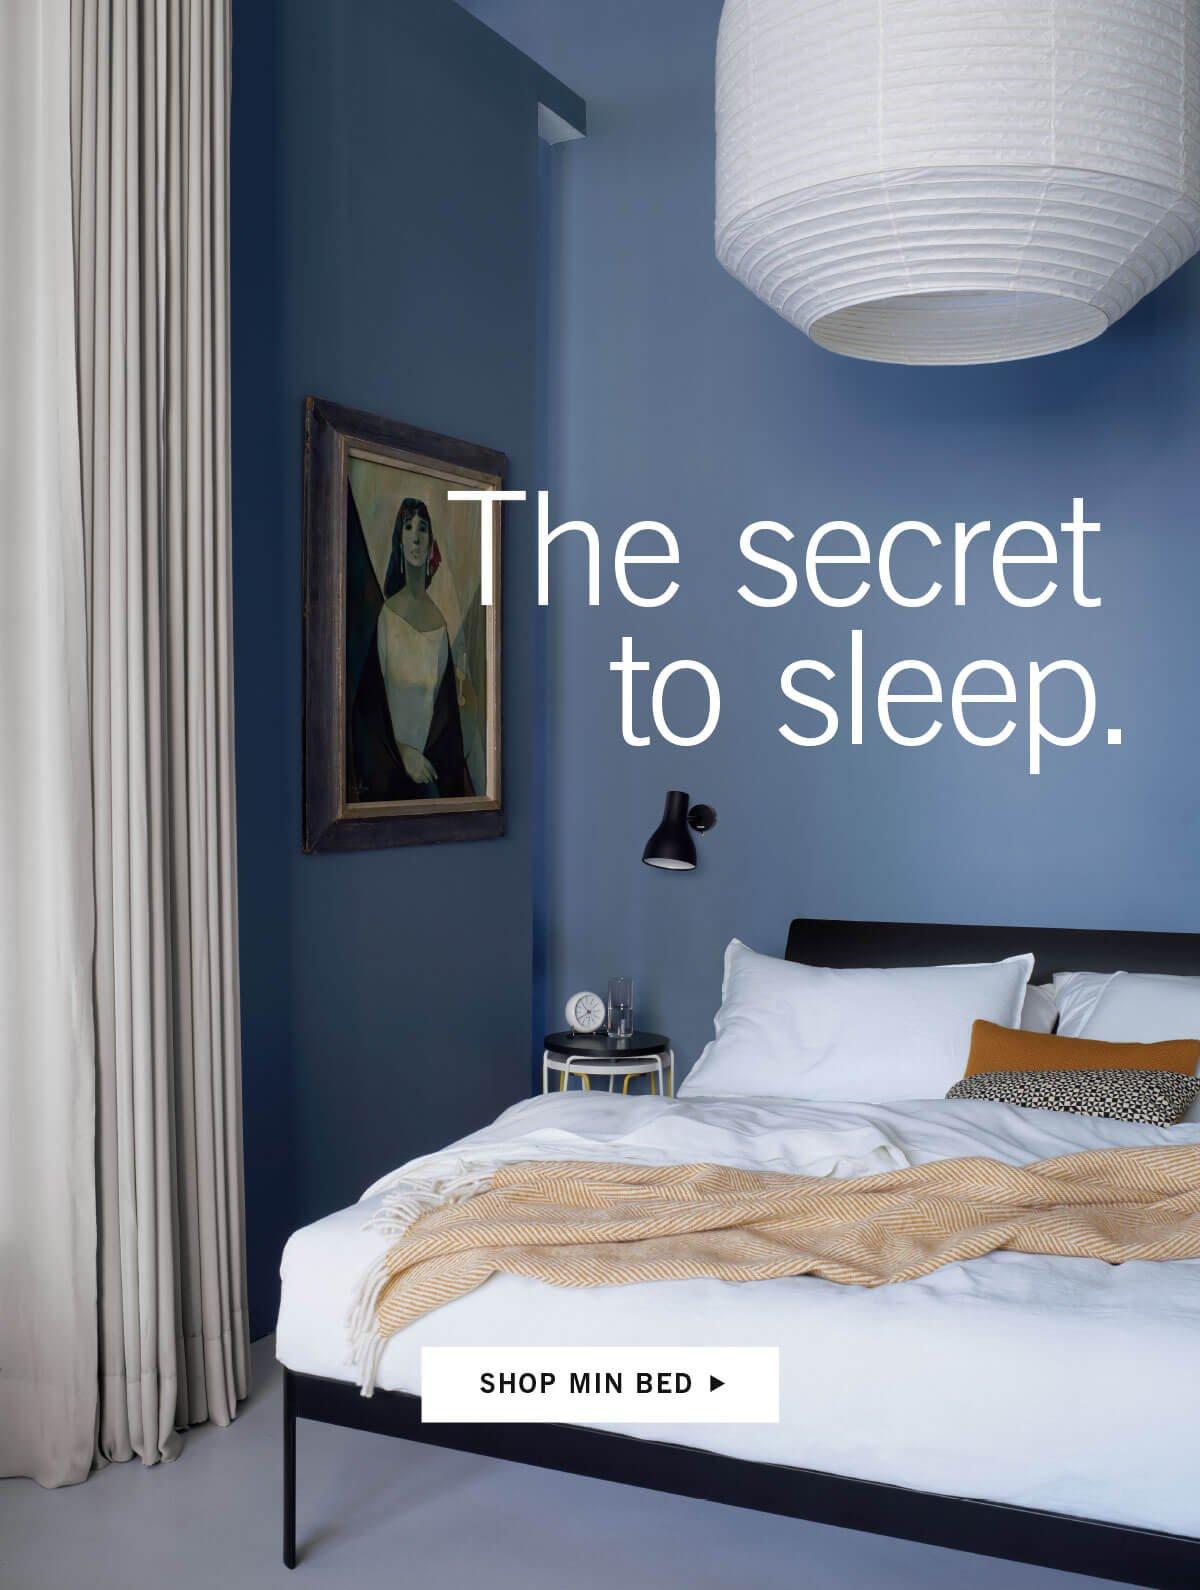 Shop Min Bed